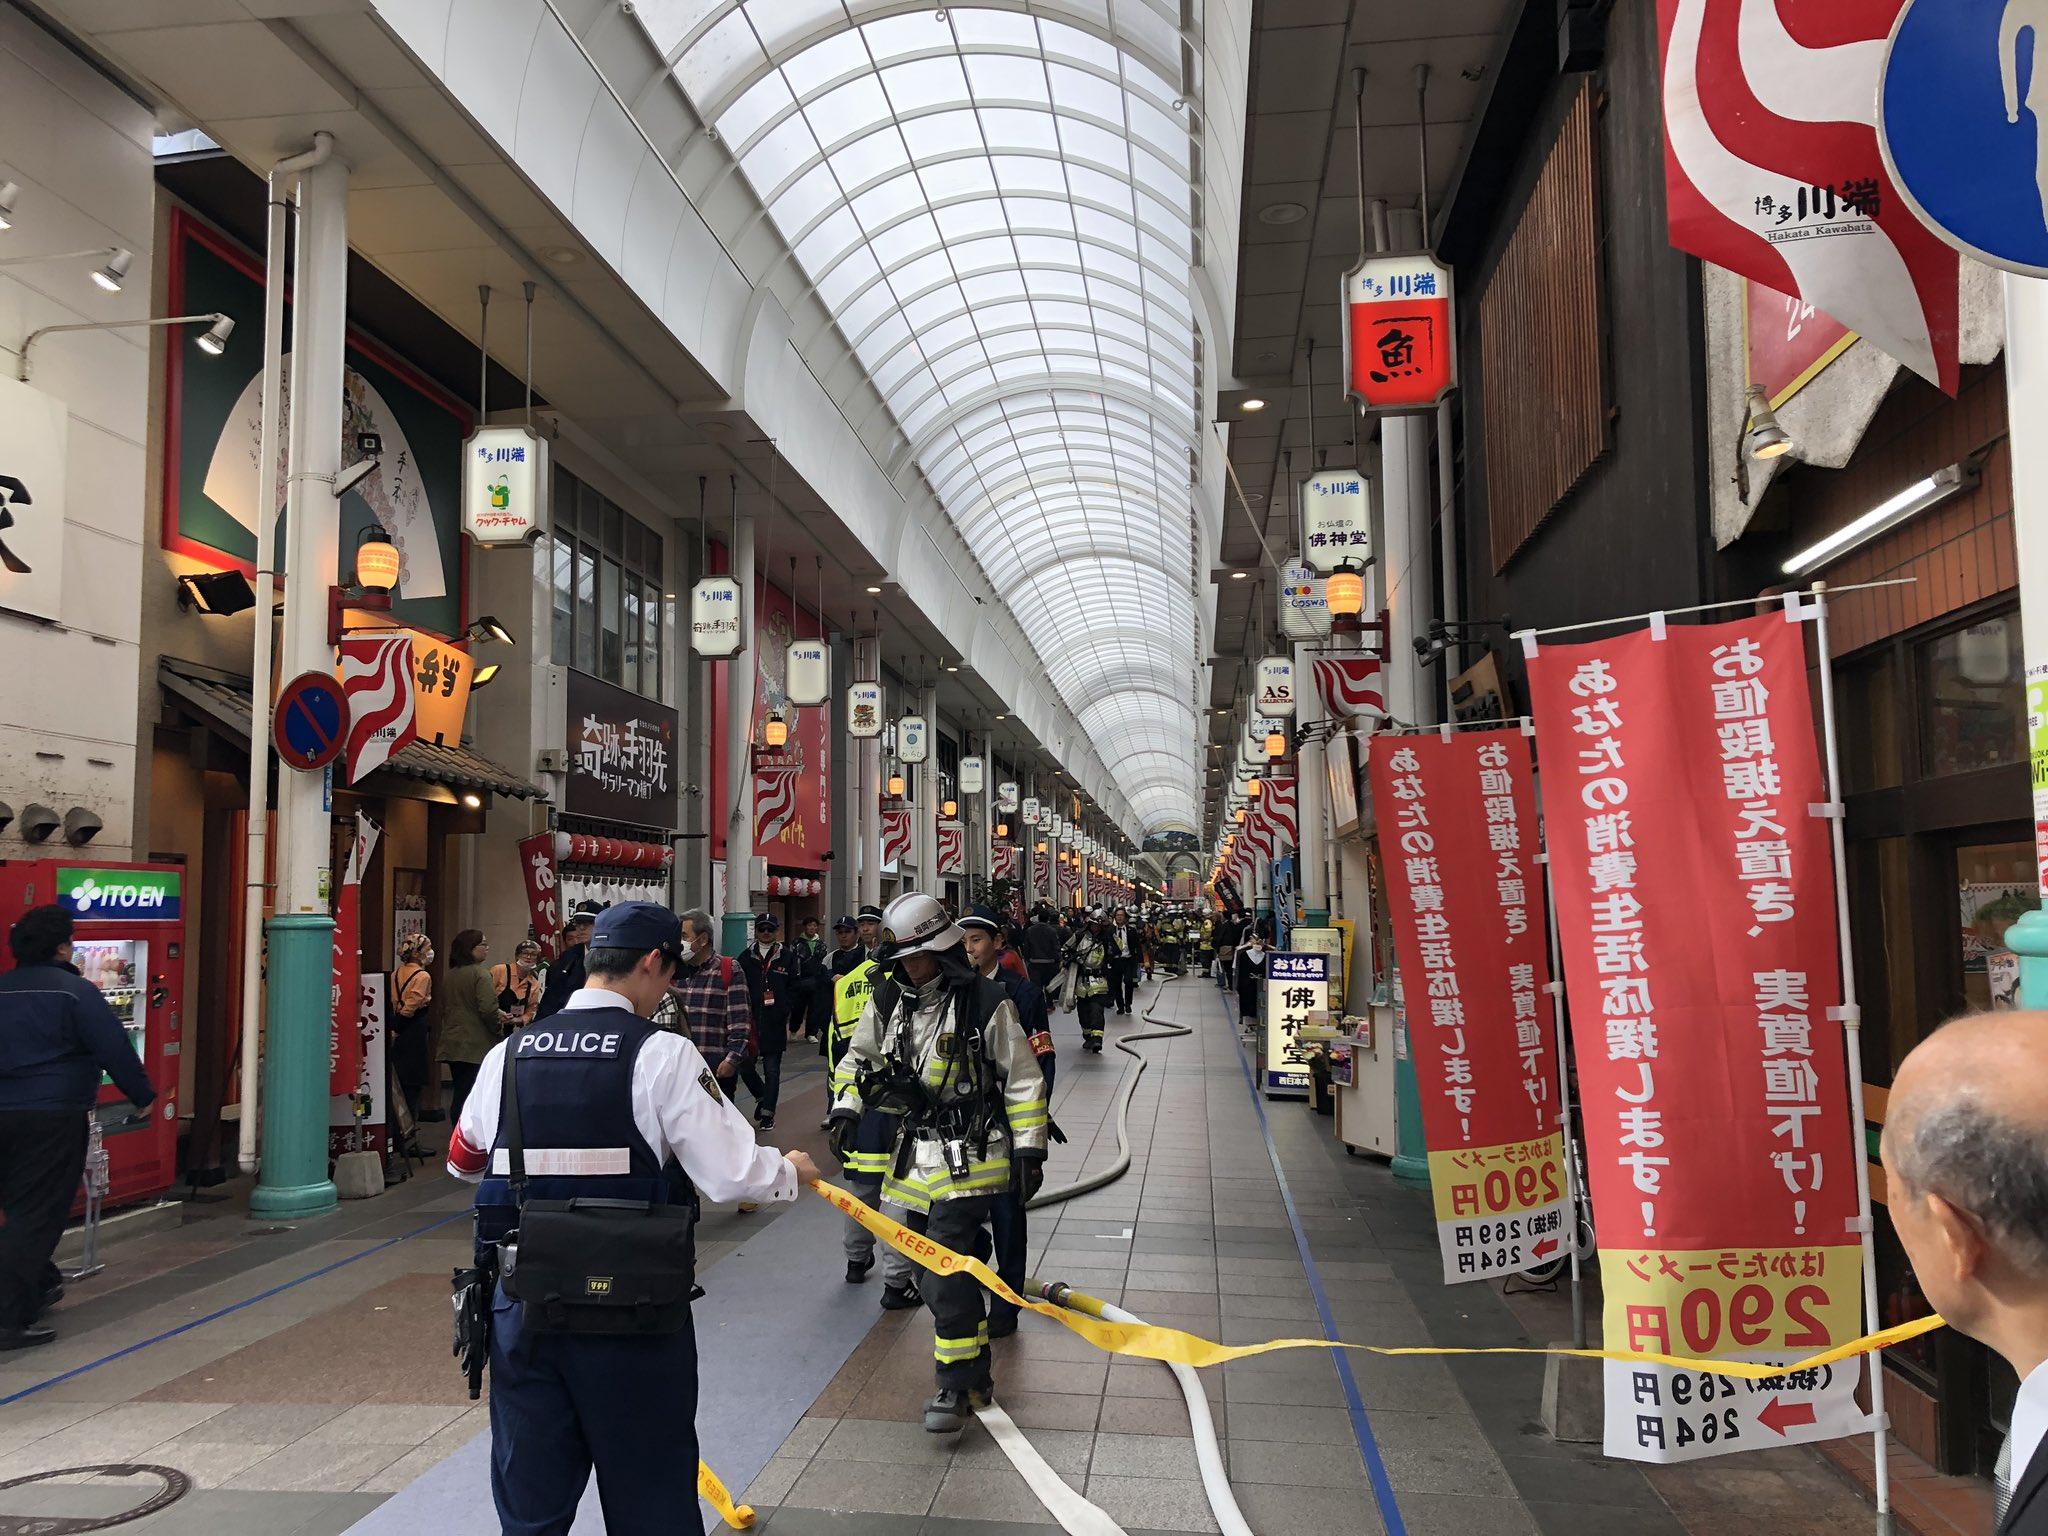 中洲川端駅付近の川端商店街で火事が起きている現場の画像